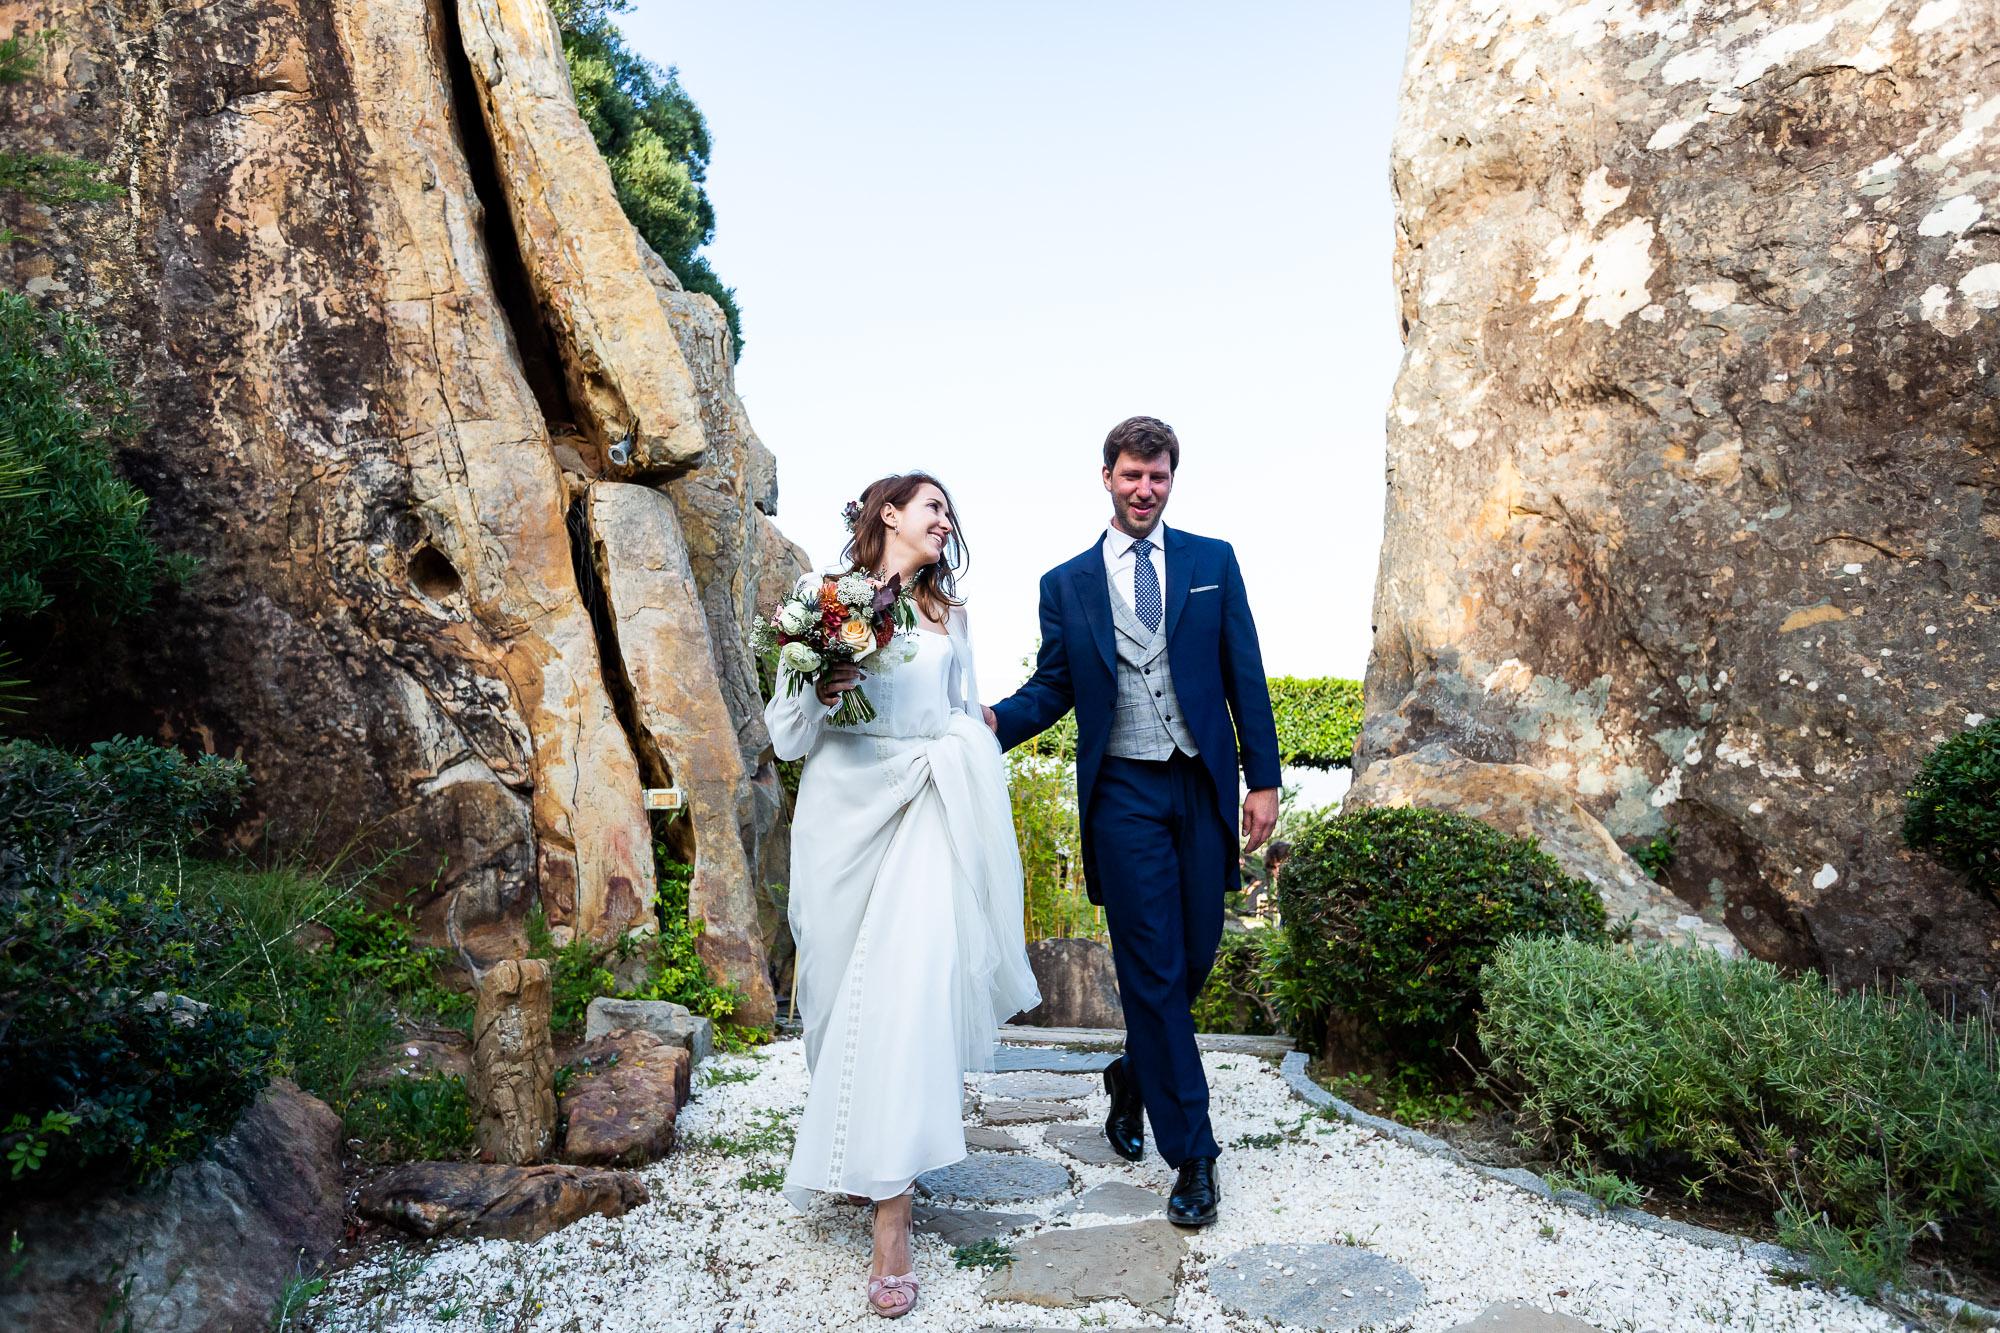 La boda de Ale y Manu en Zahara de los Atunes